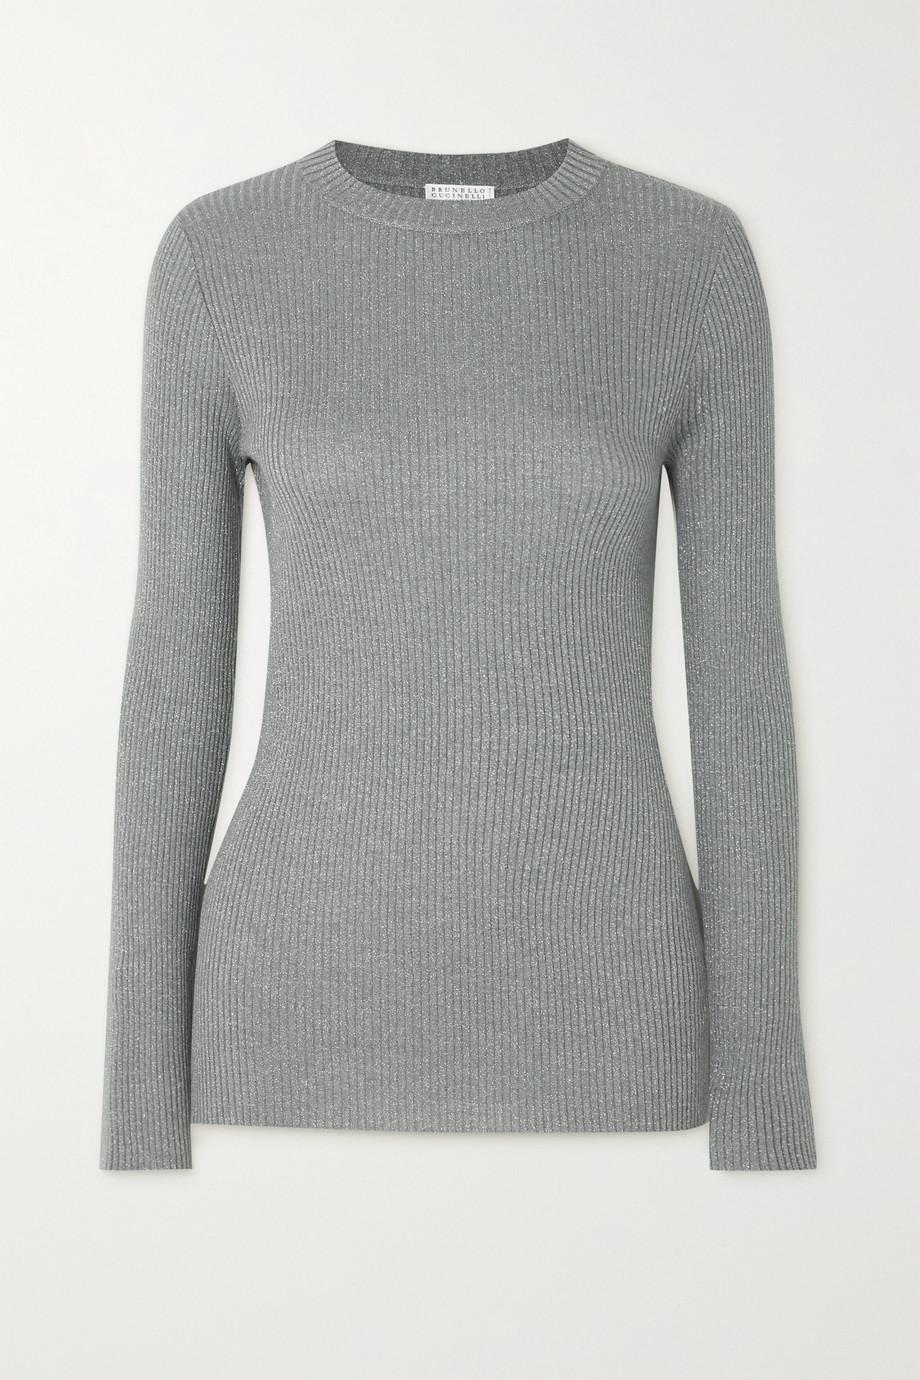 Brunello Cucinelli Gerippter Pullover aus einer Kaschmirmischung in Metallic-Optik